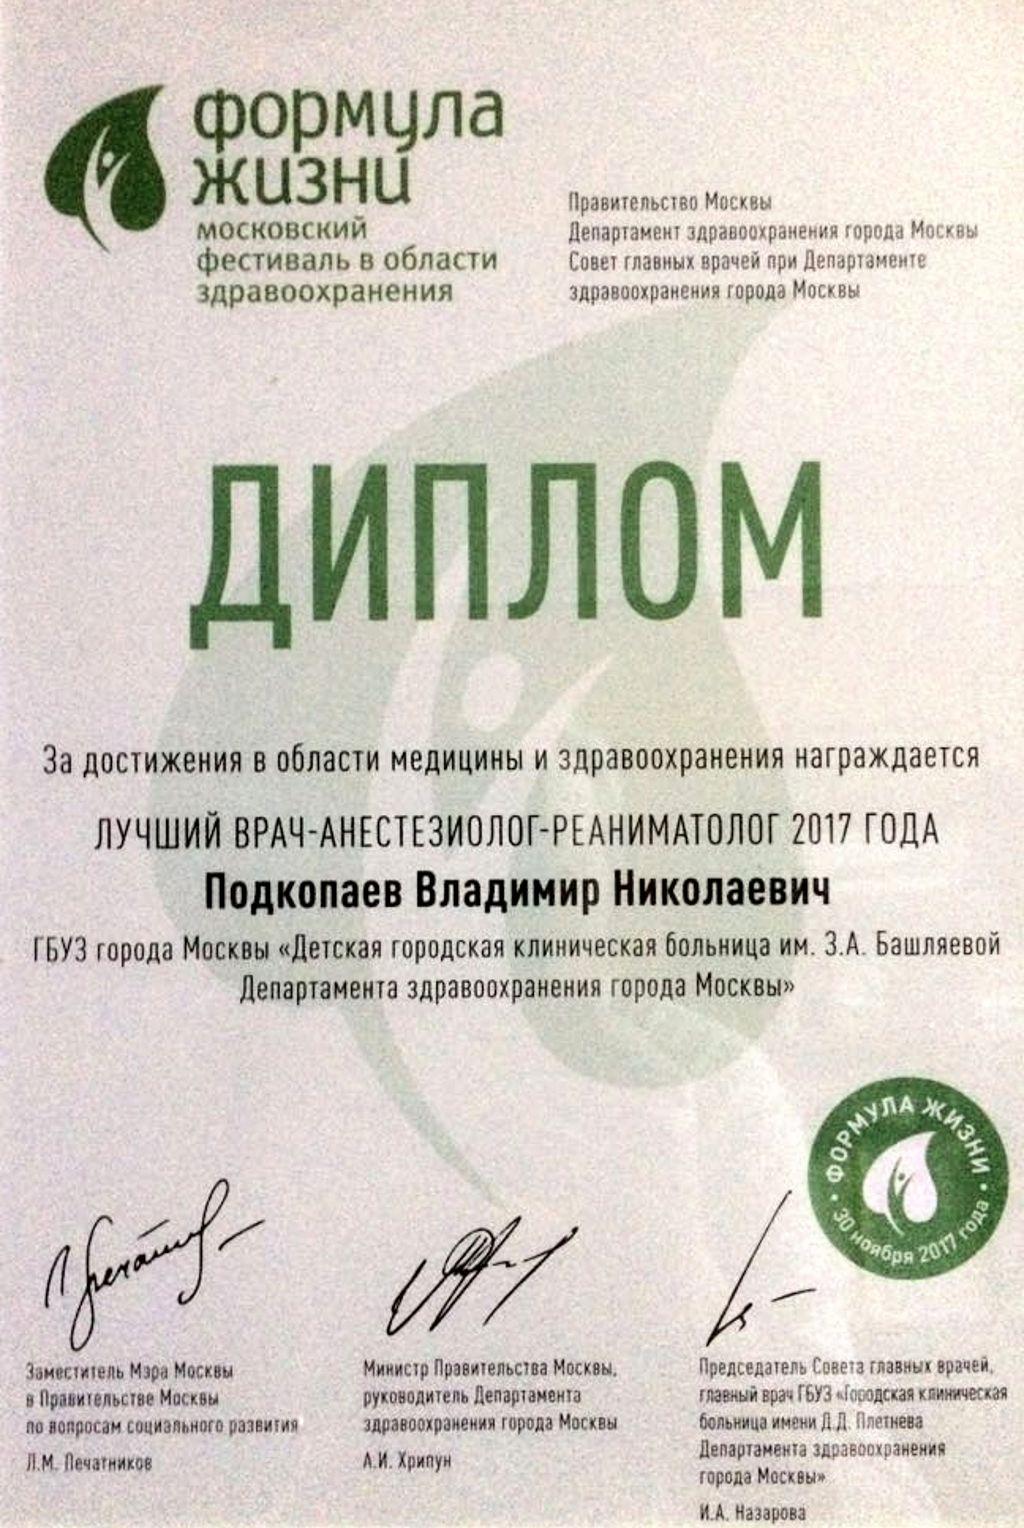 Награждение лучшего врача анестезиолога-реаниматолога 2017г. Подкопаева В.Н.